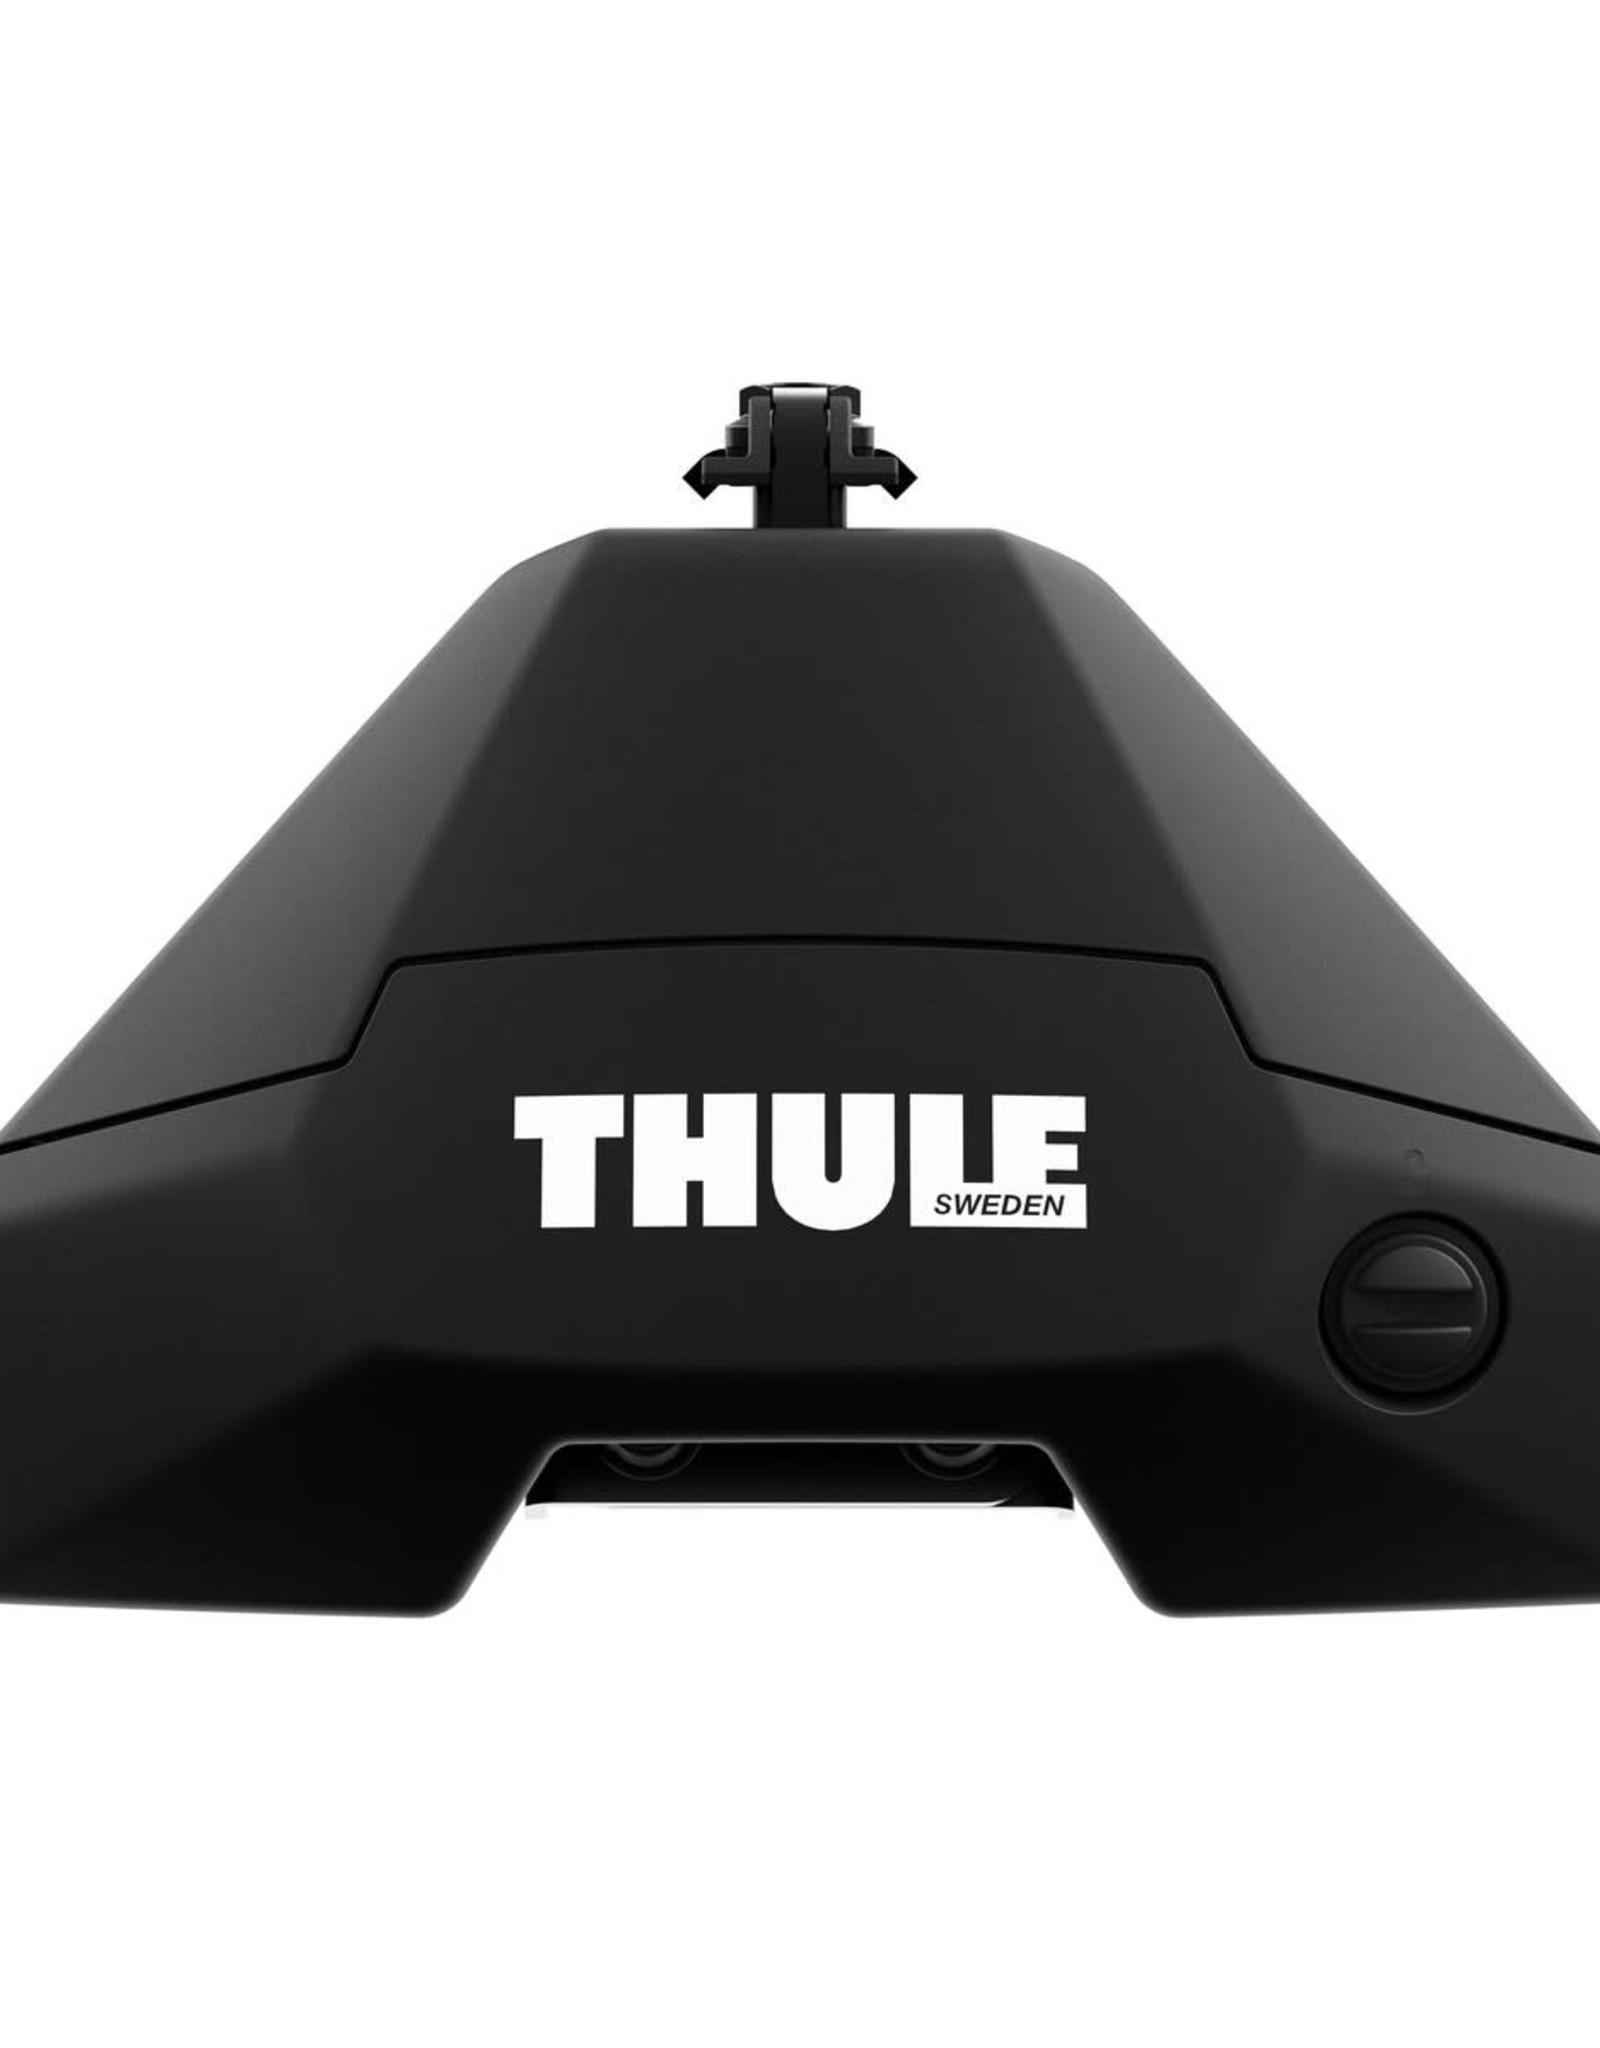 Thule Thule 710501 Evo Clamp Footpack, Set of 4